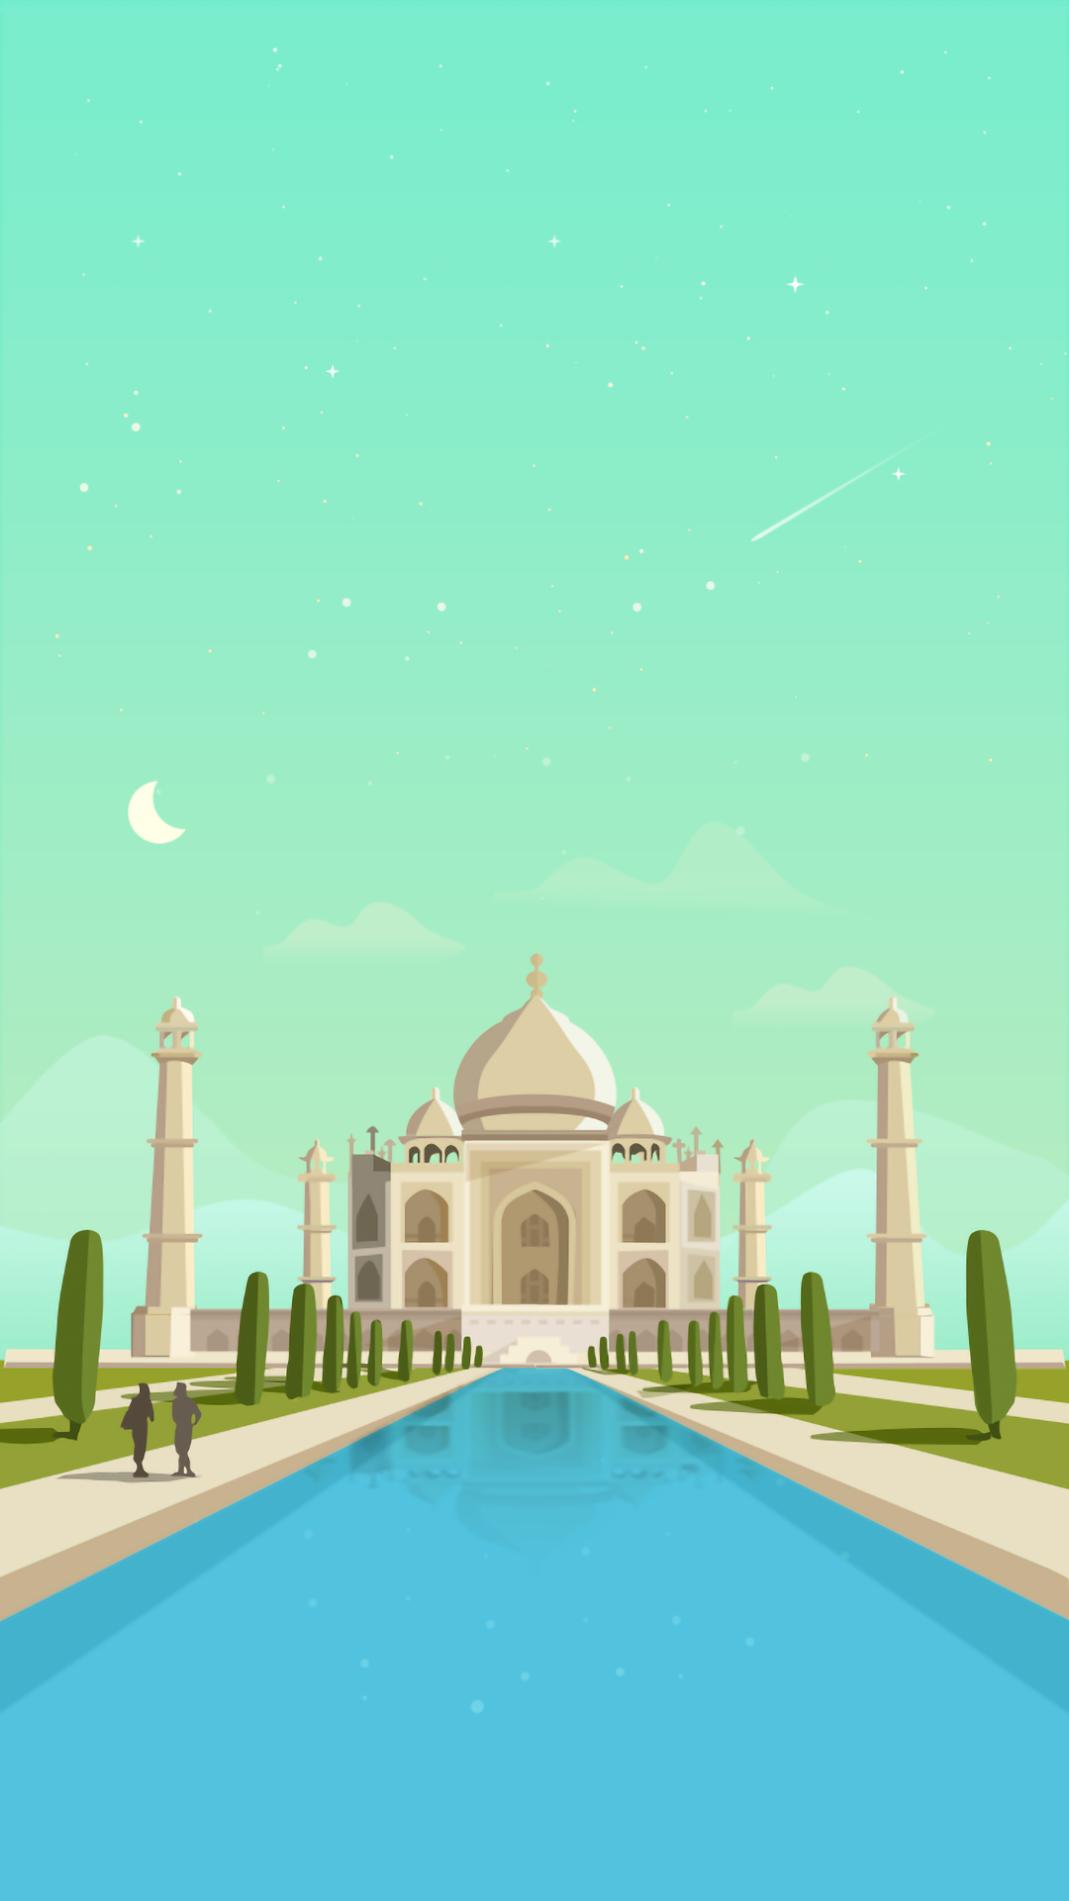 Taj mahal Mobile wallpaper